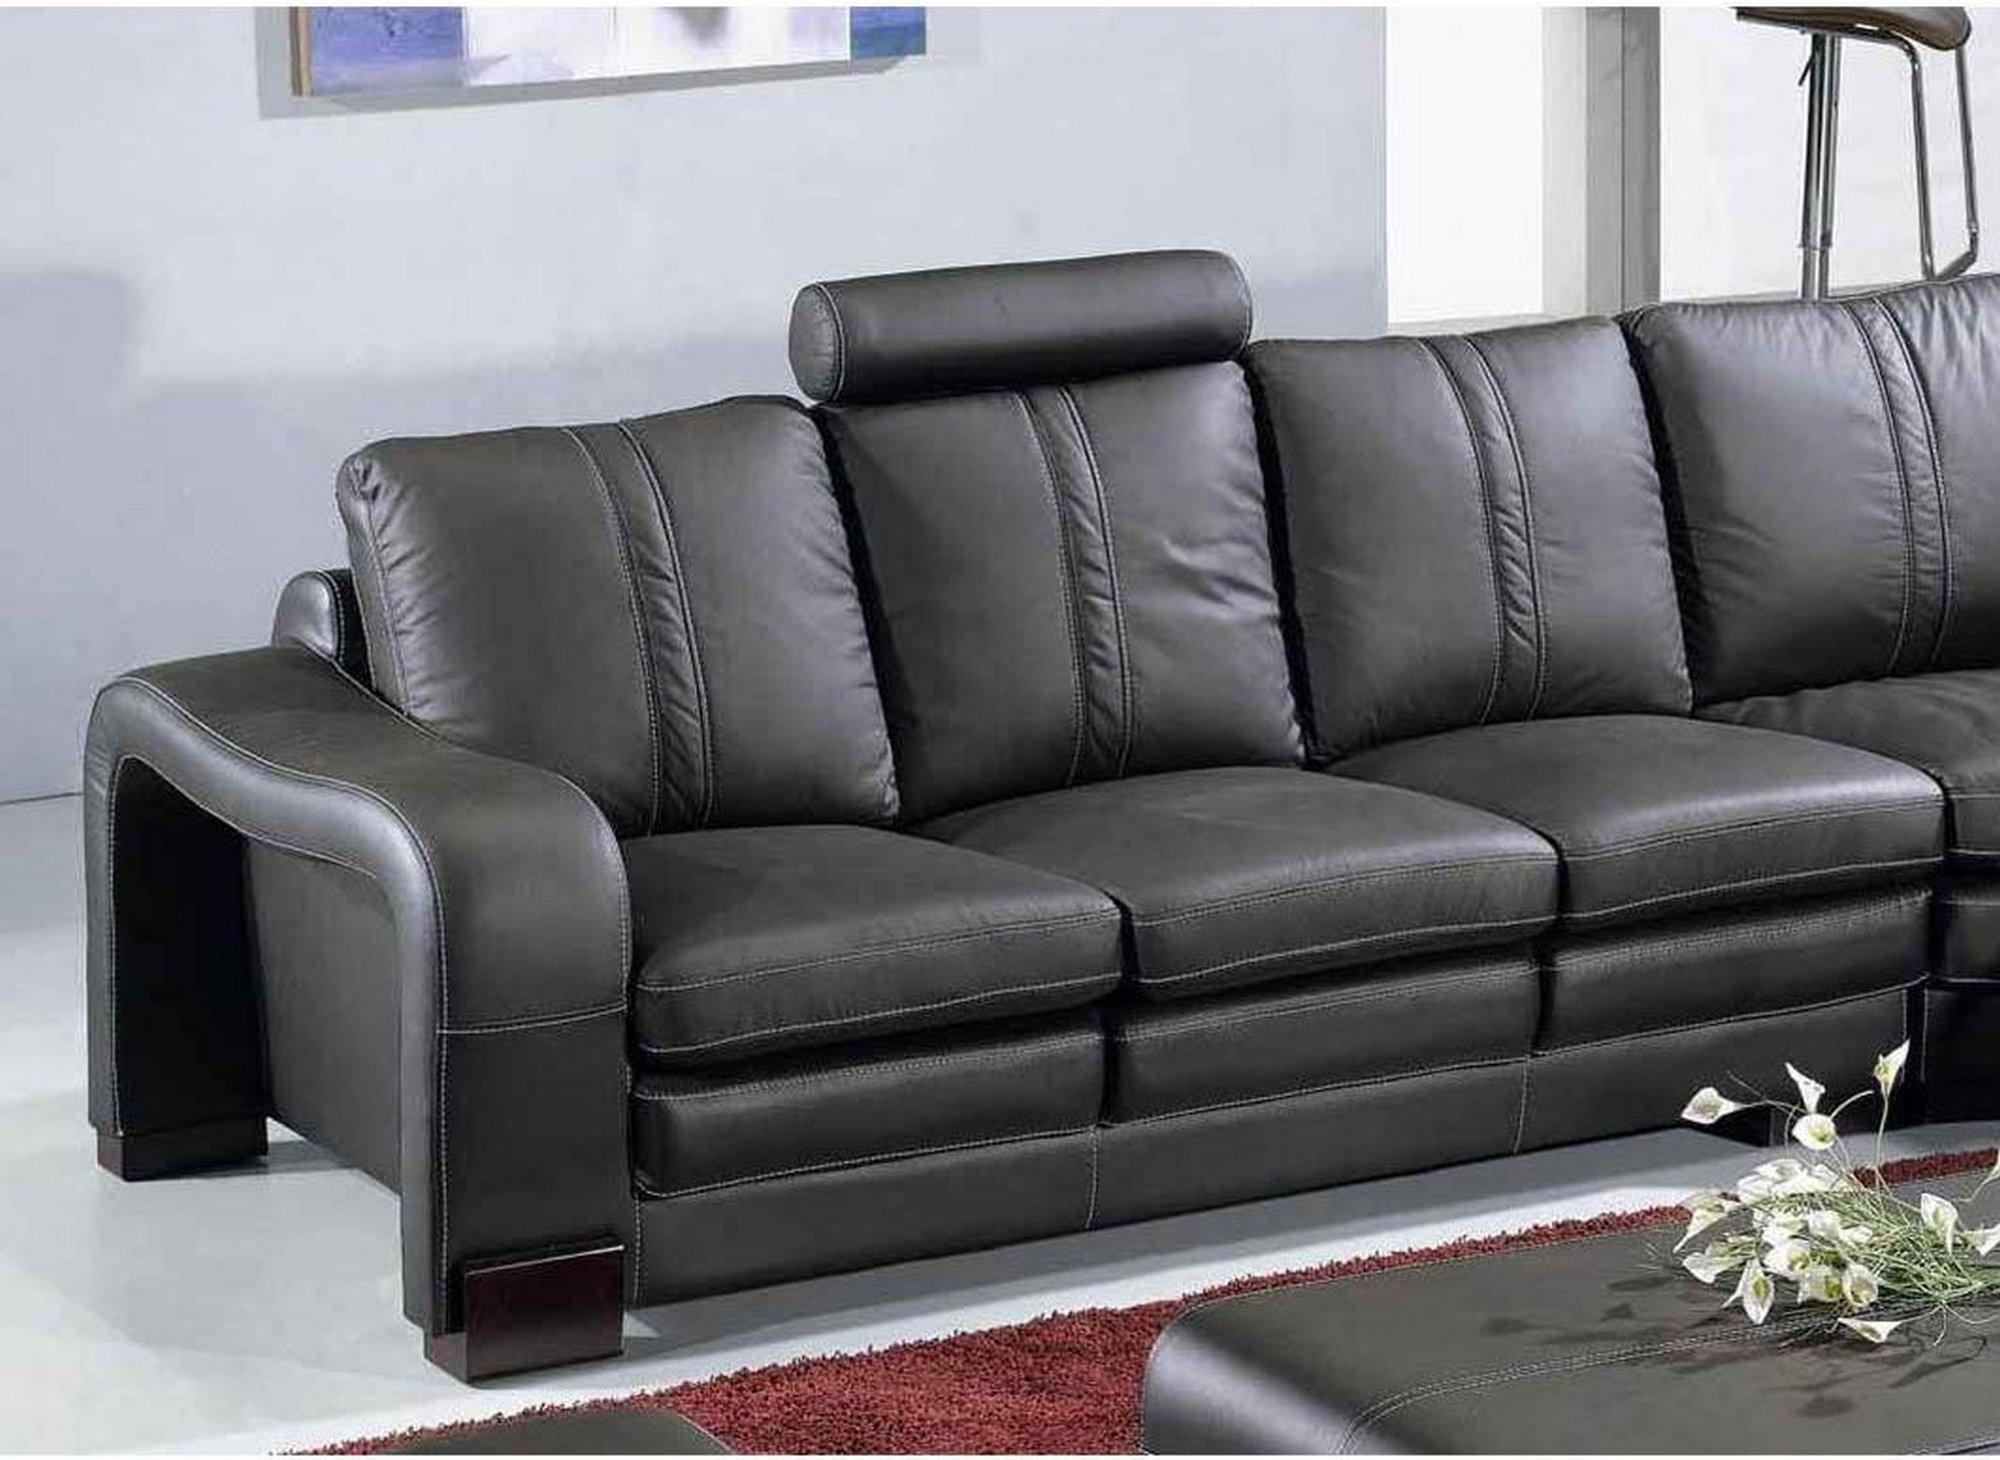 Canapé d'angle réversible + 2 poufs en cuir noir HAVANE